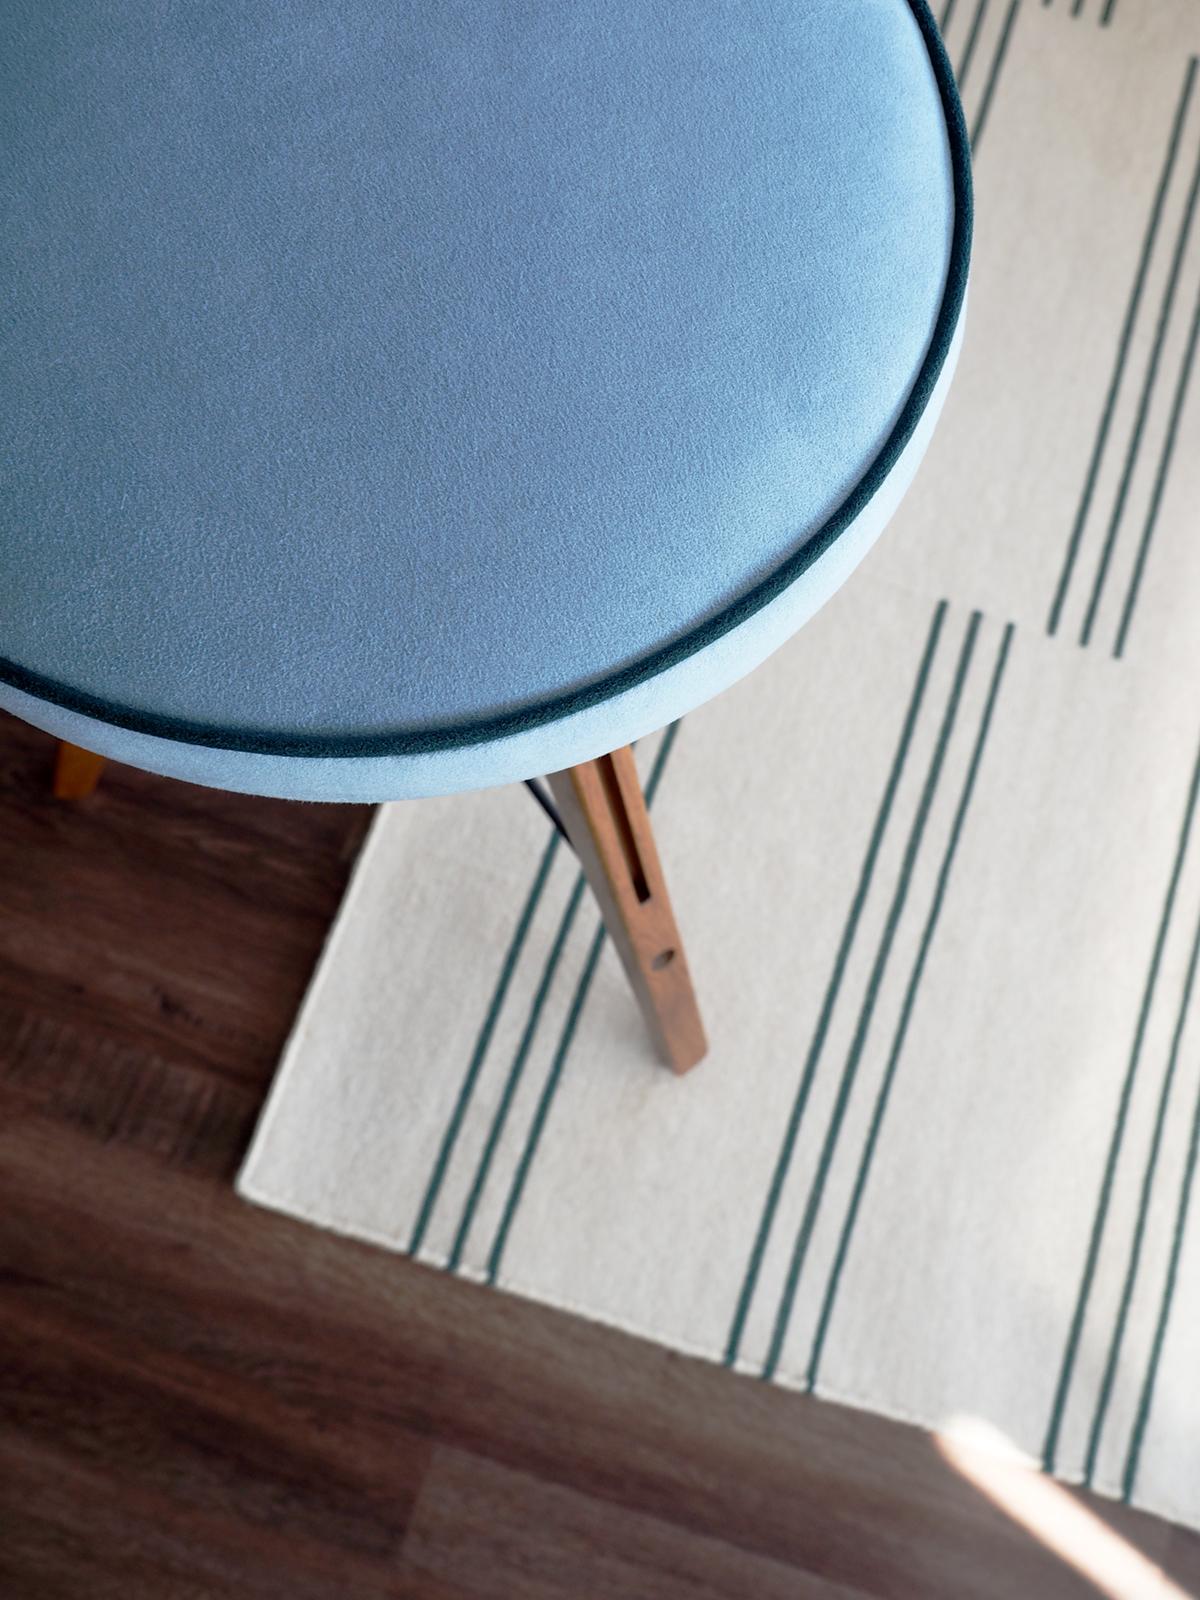 Appartement nautique moderne avec des tabourets personnalisés de Ultrasuede | Coco Kelley